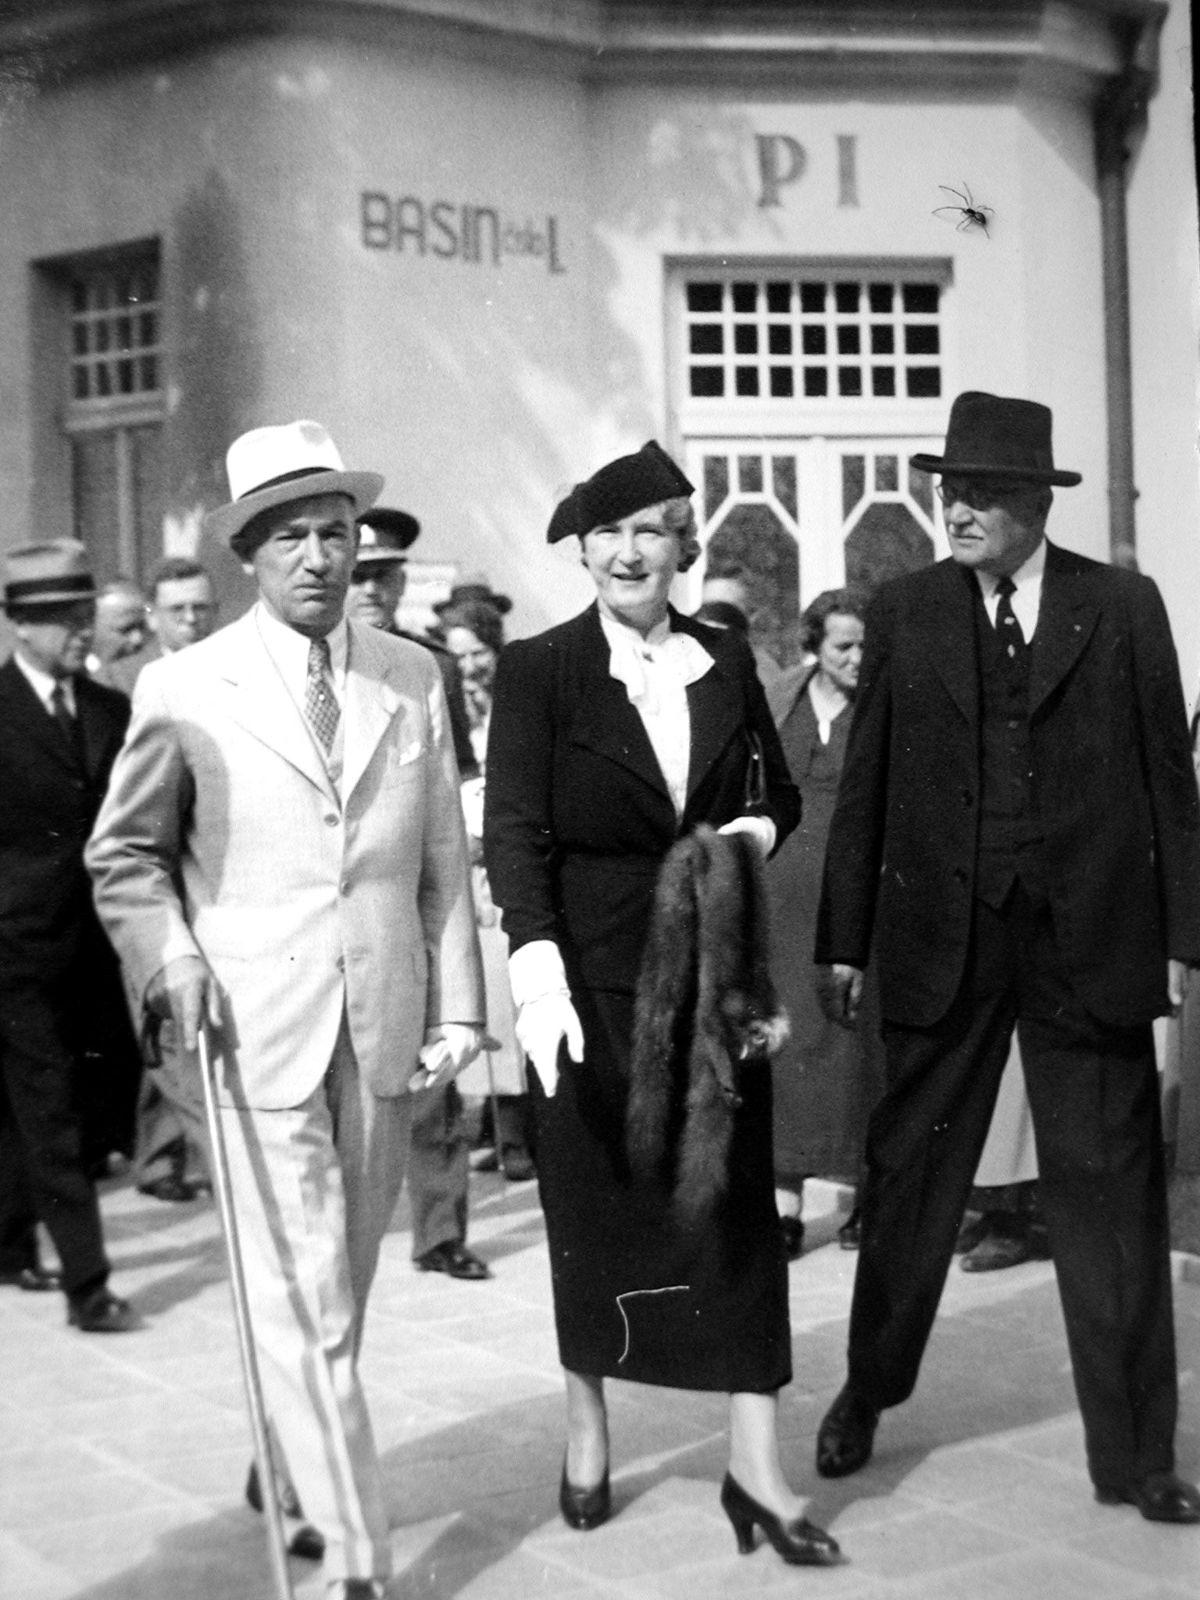 Prezident Edvard Beneš, v bielom obleku, s manželkou Hanou pri otvorení kúpaliska Zelená žaba